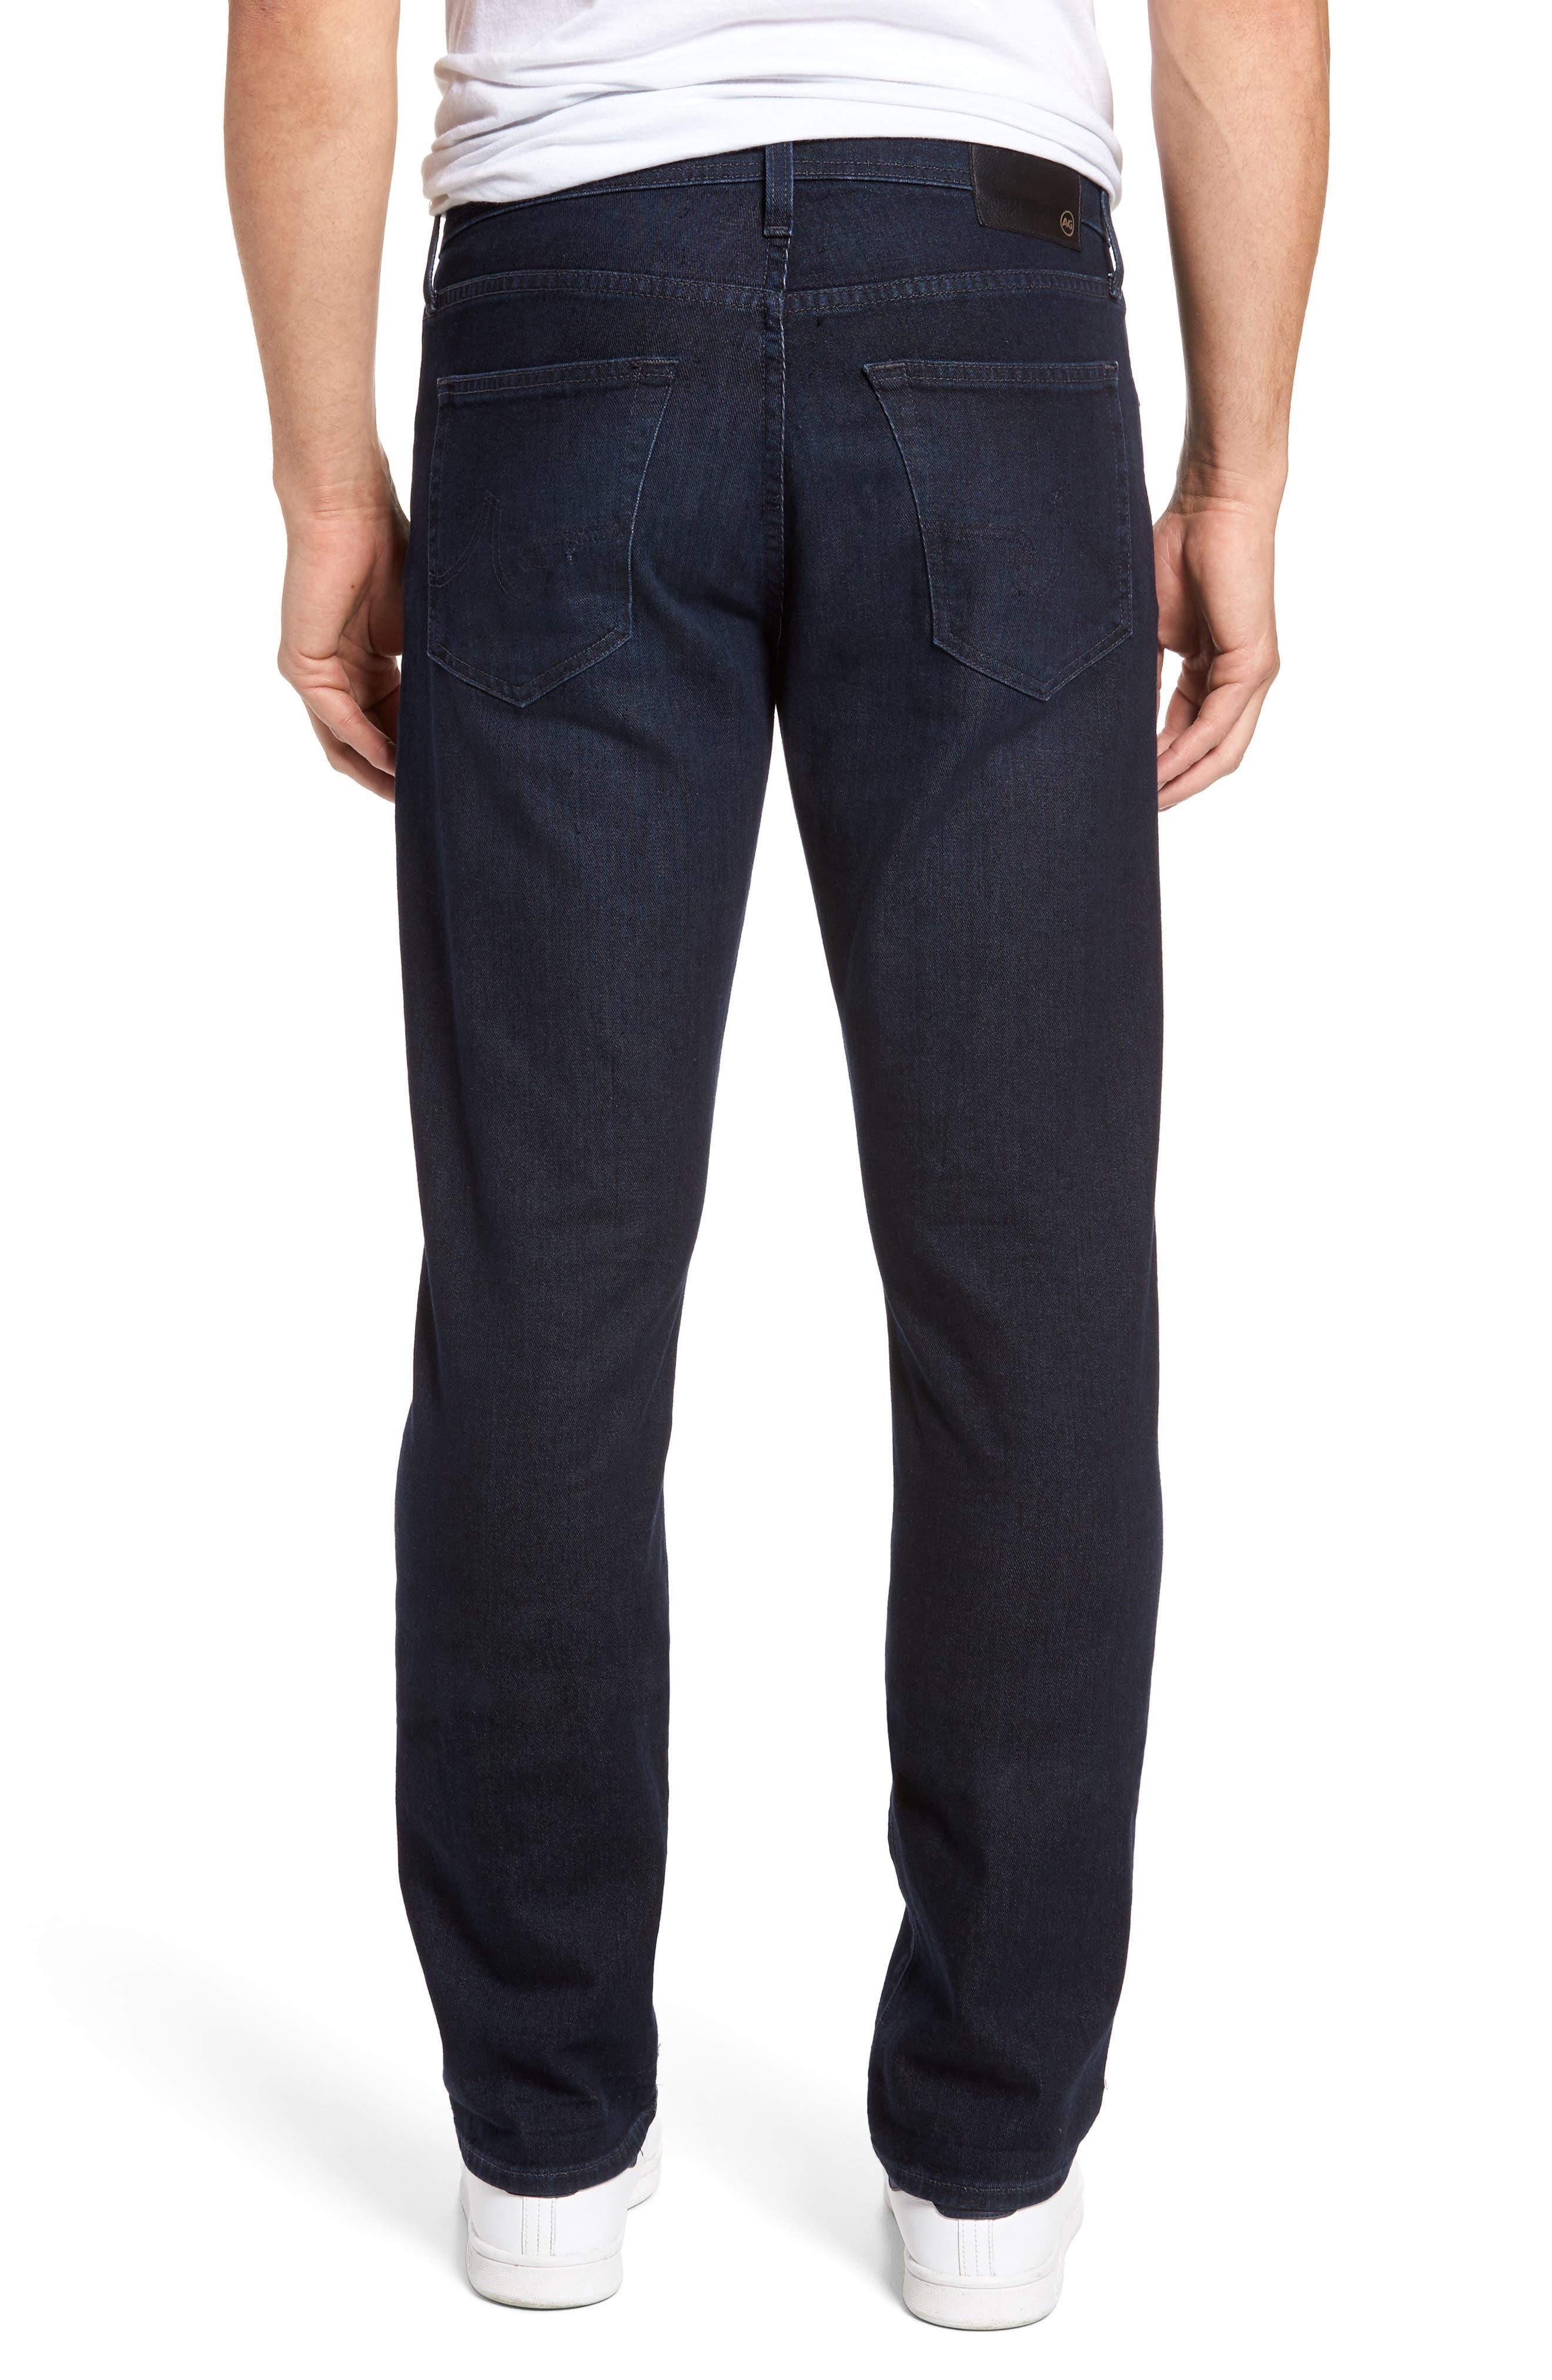 Everett Slim Straight Fit Jeans,                             Alternate thumbnail 2, color,                             Regulator